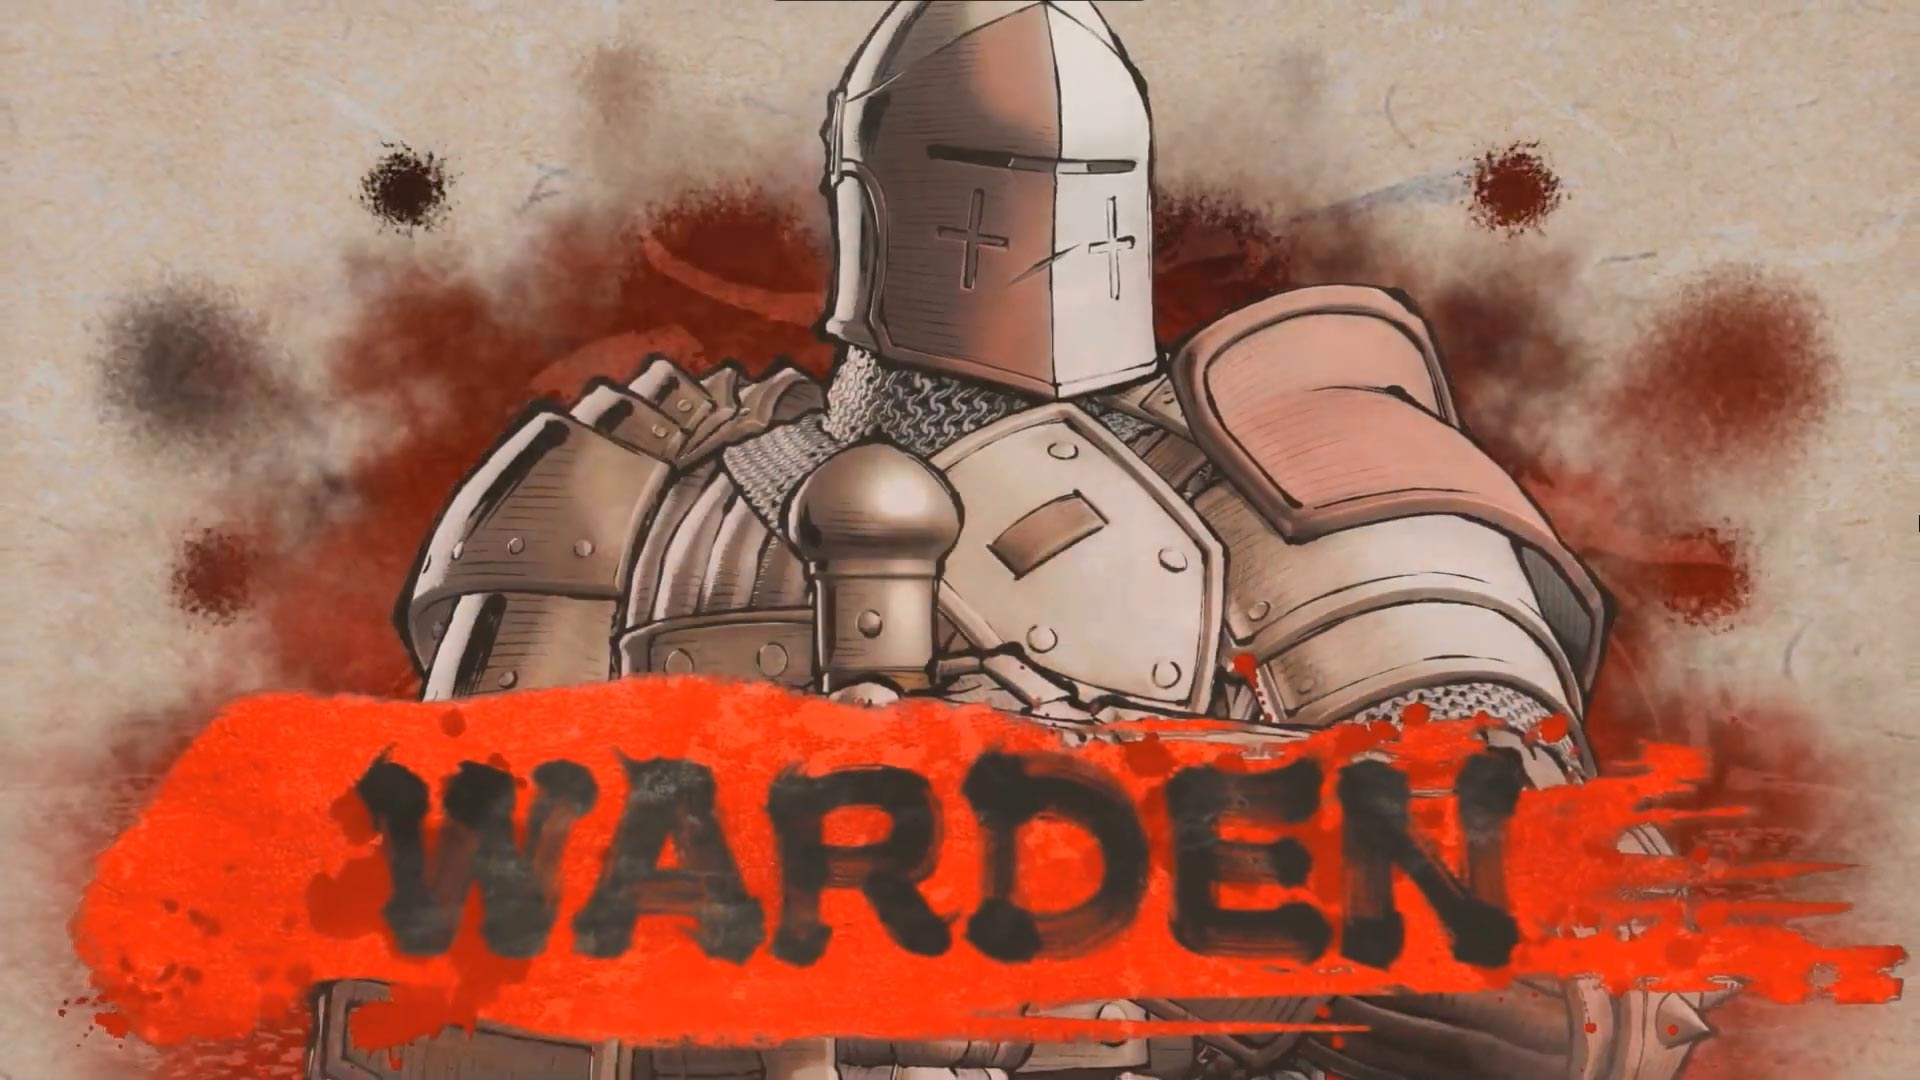 Warden de For Honor a Samurai Shodown , SNk, GamersRD